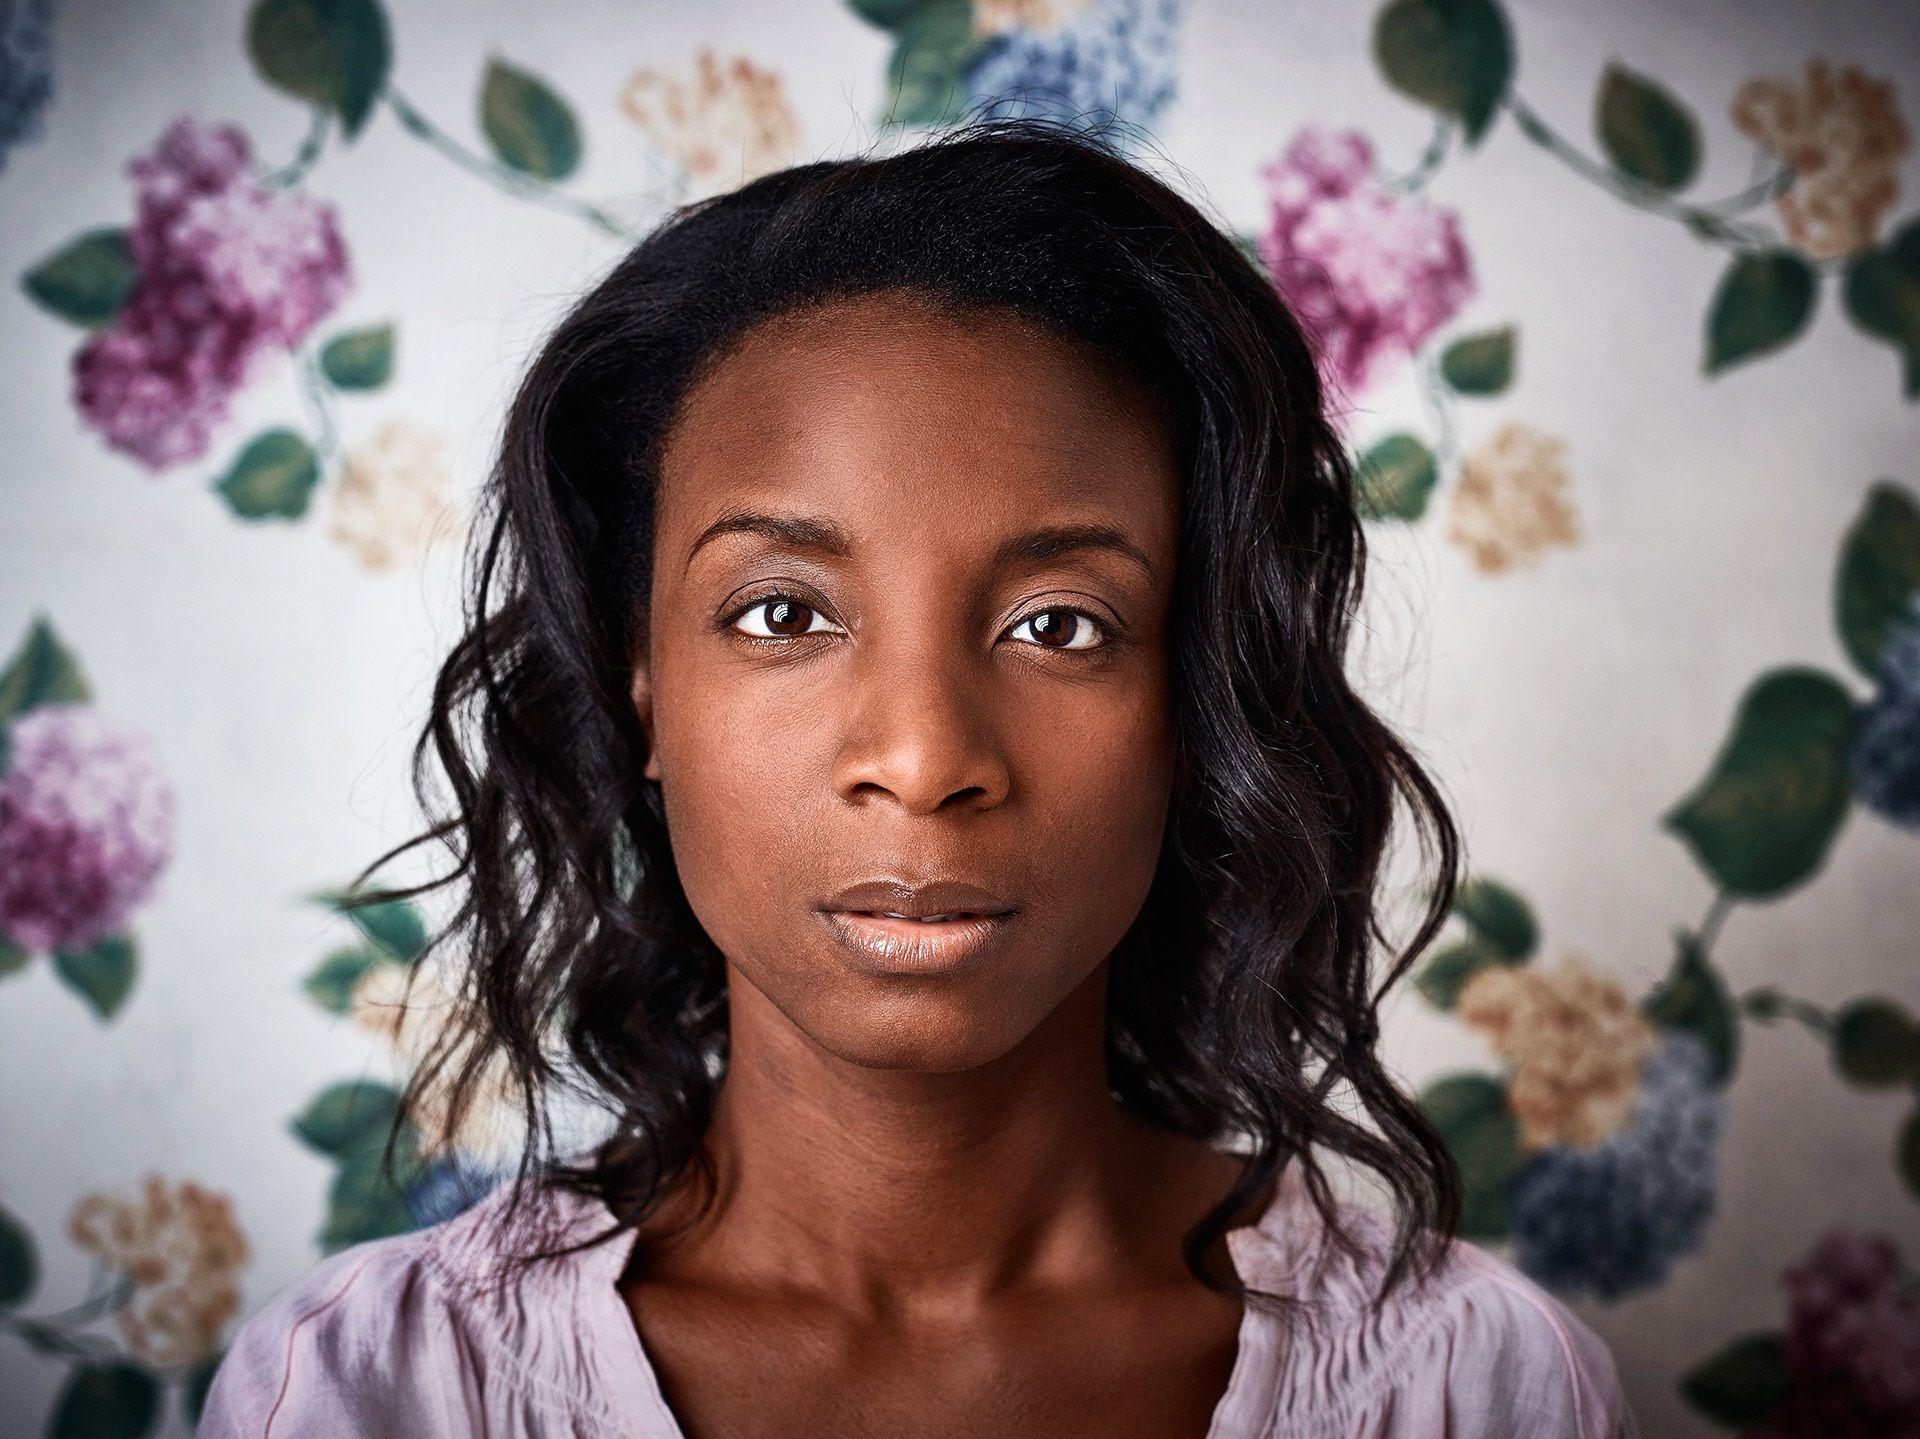 black woman by Jocelyn Michel for Centraide